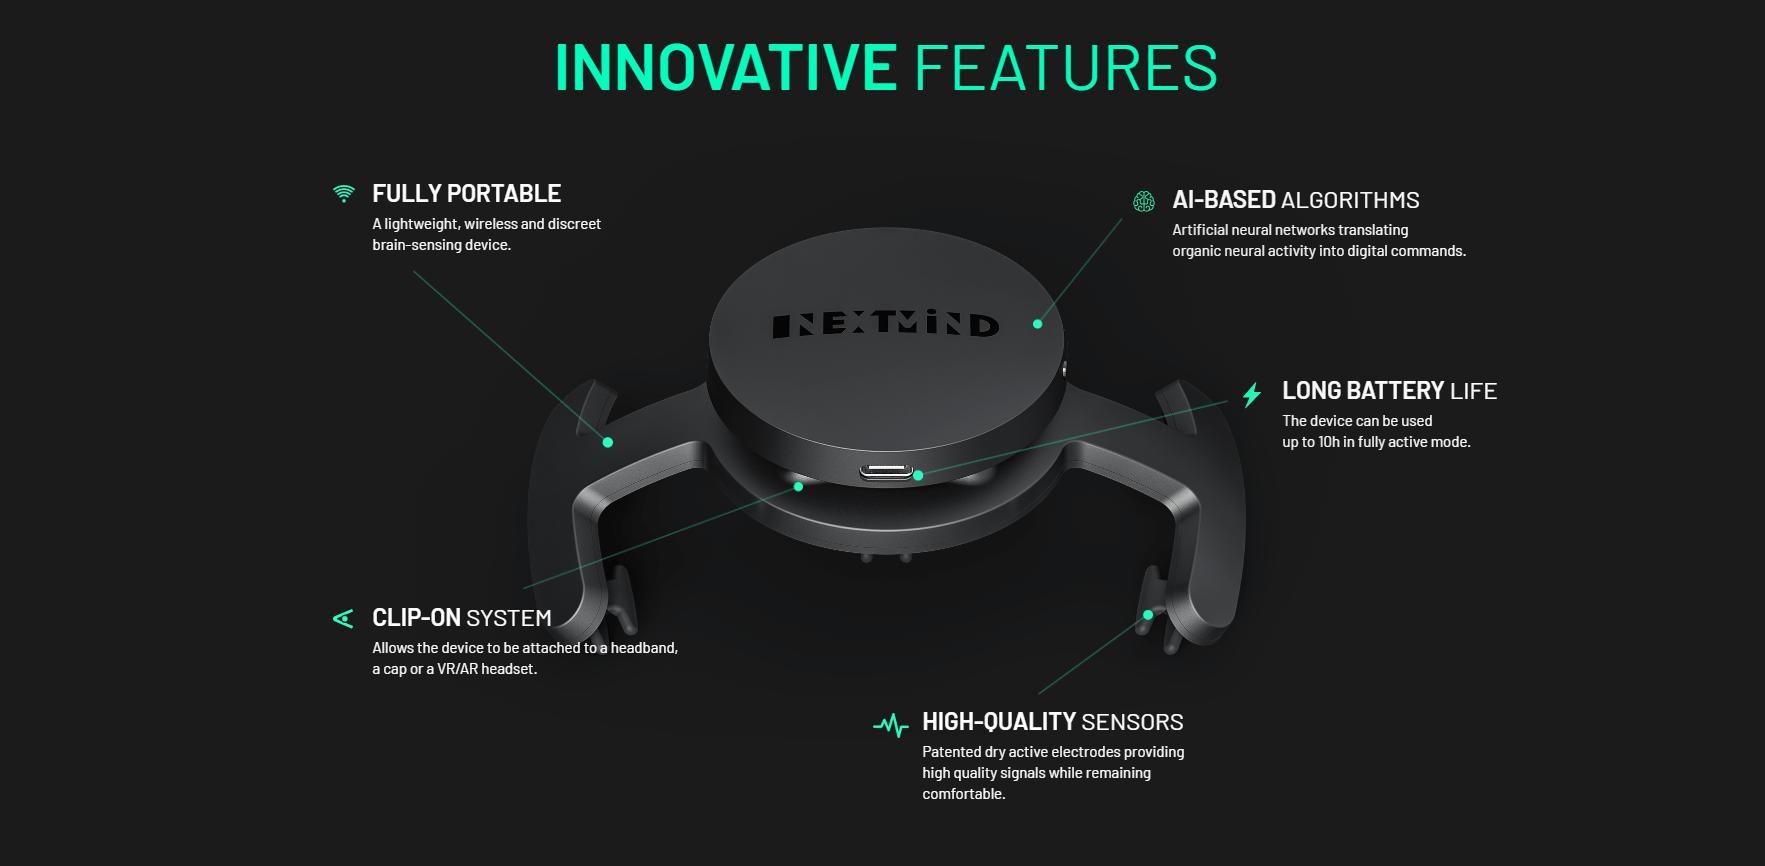 Innovative Features - NextMind Dev Kit